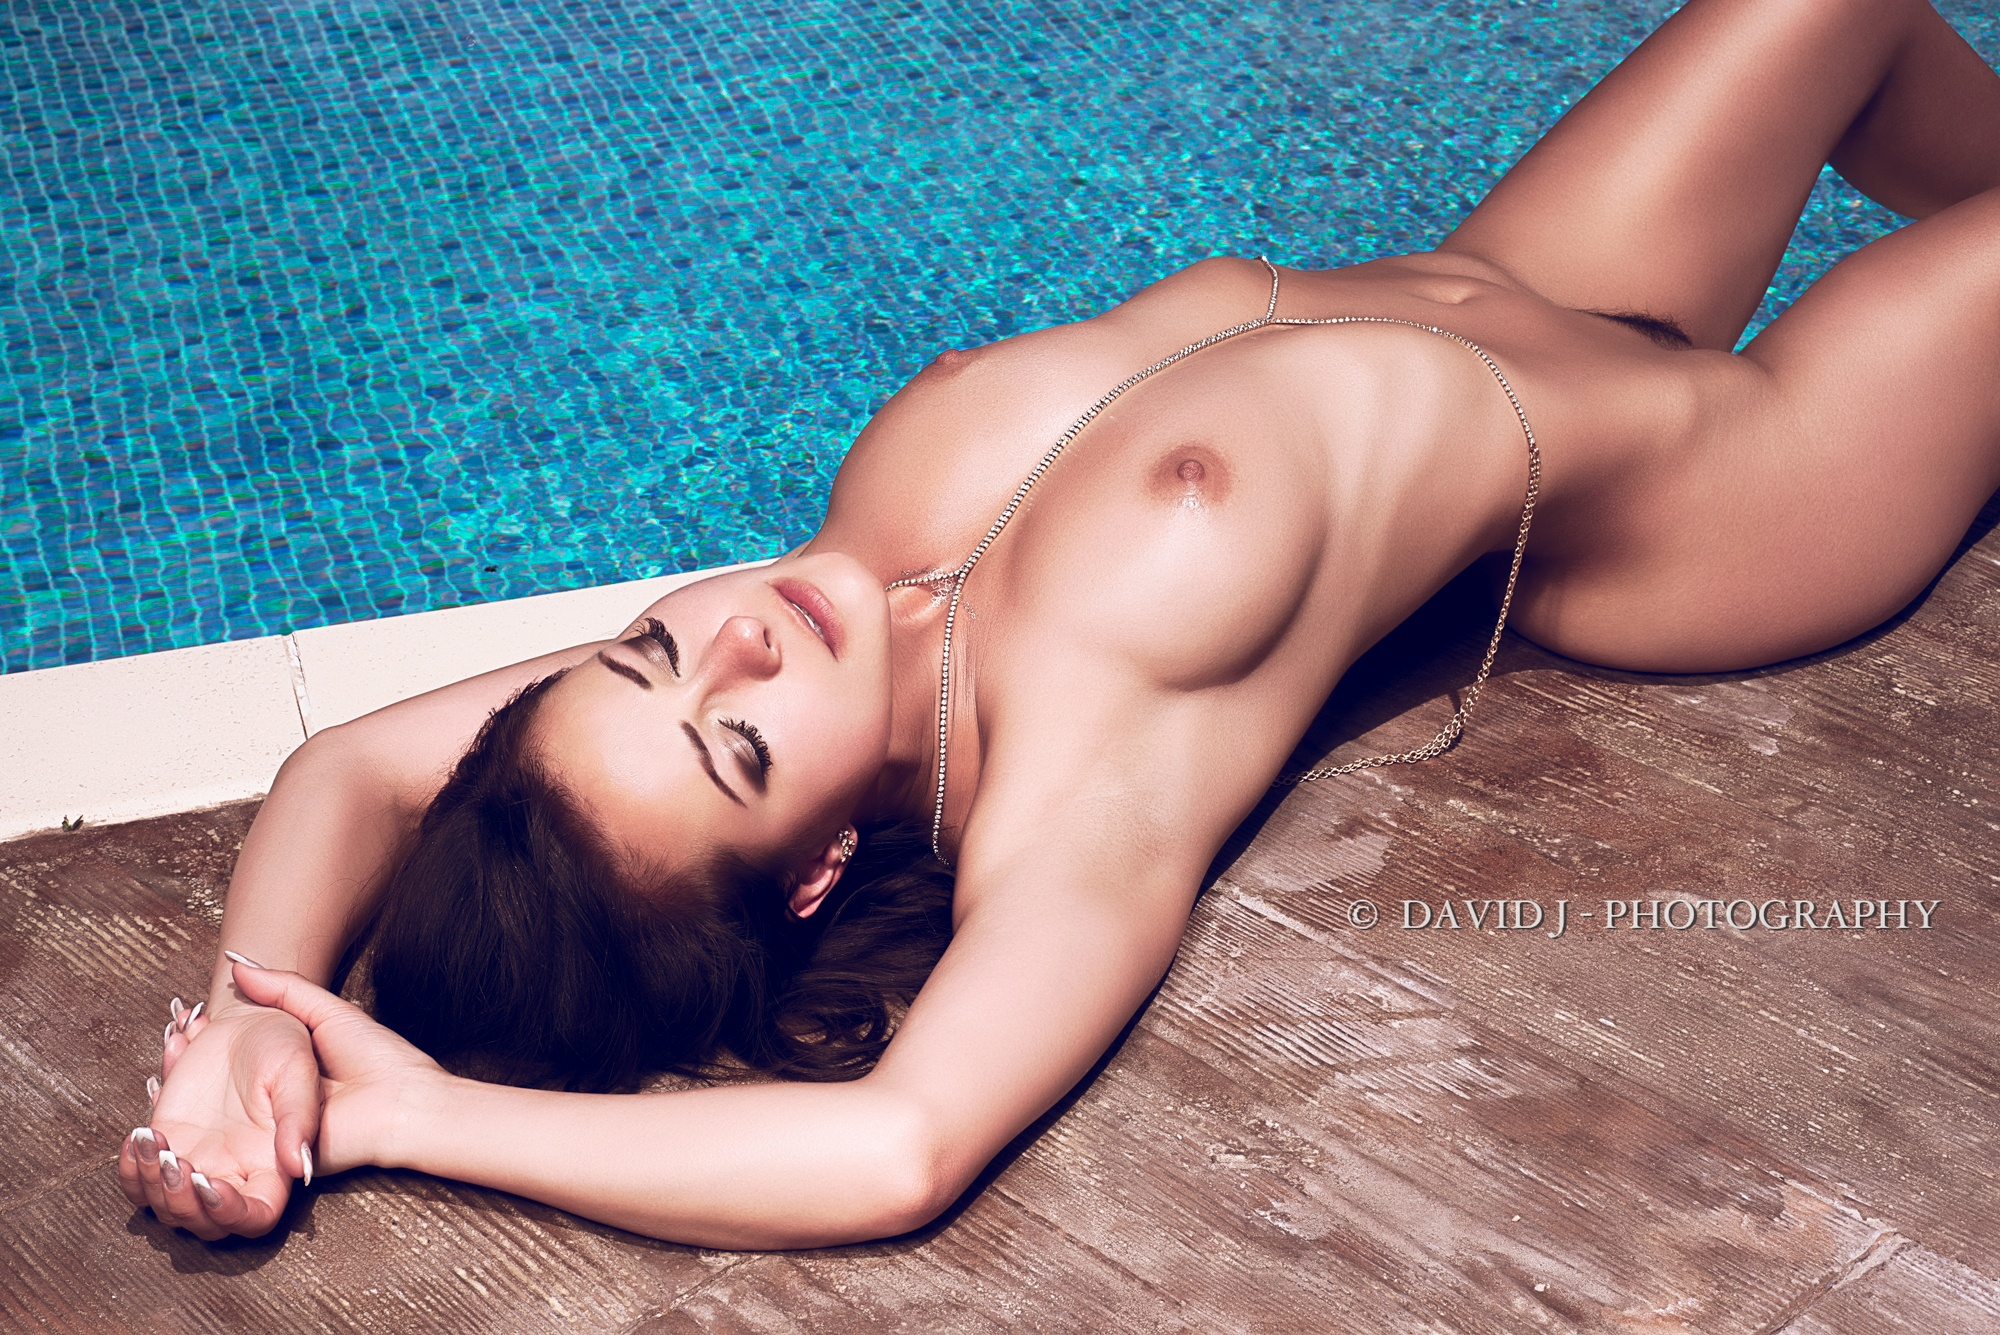 Melisa Mendini: Pool by DavidJorissen